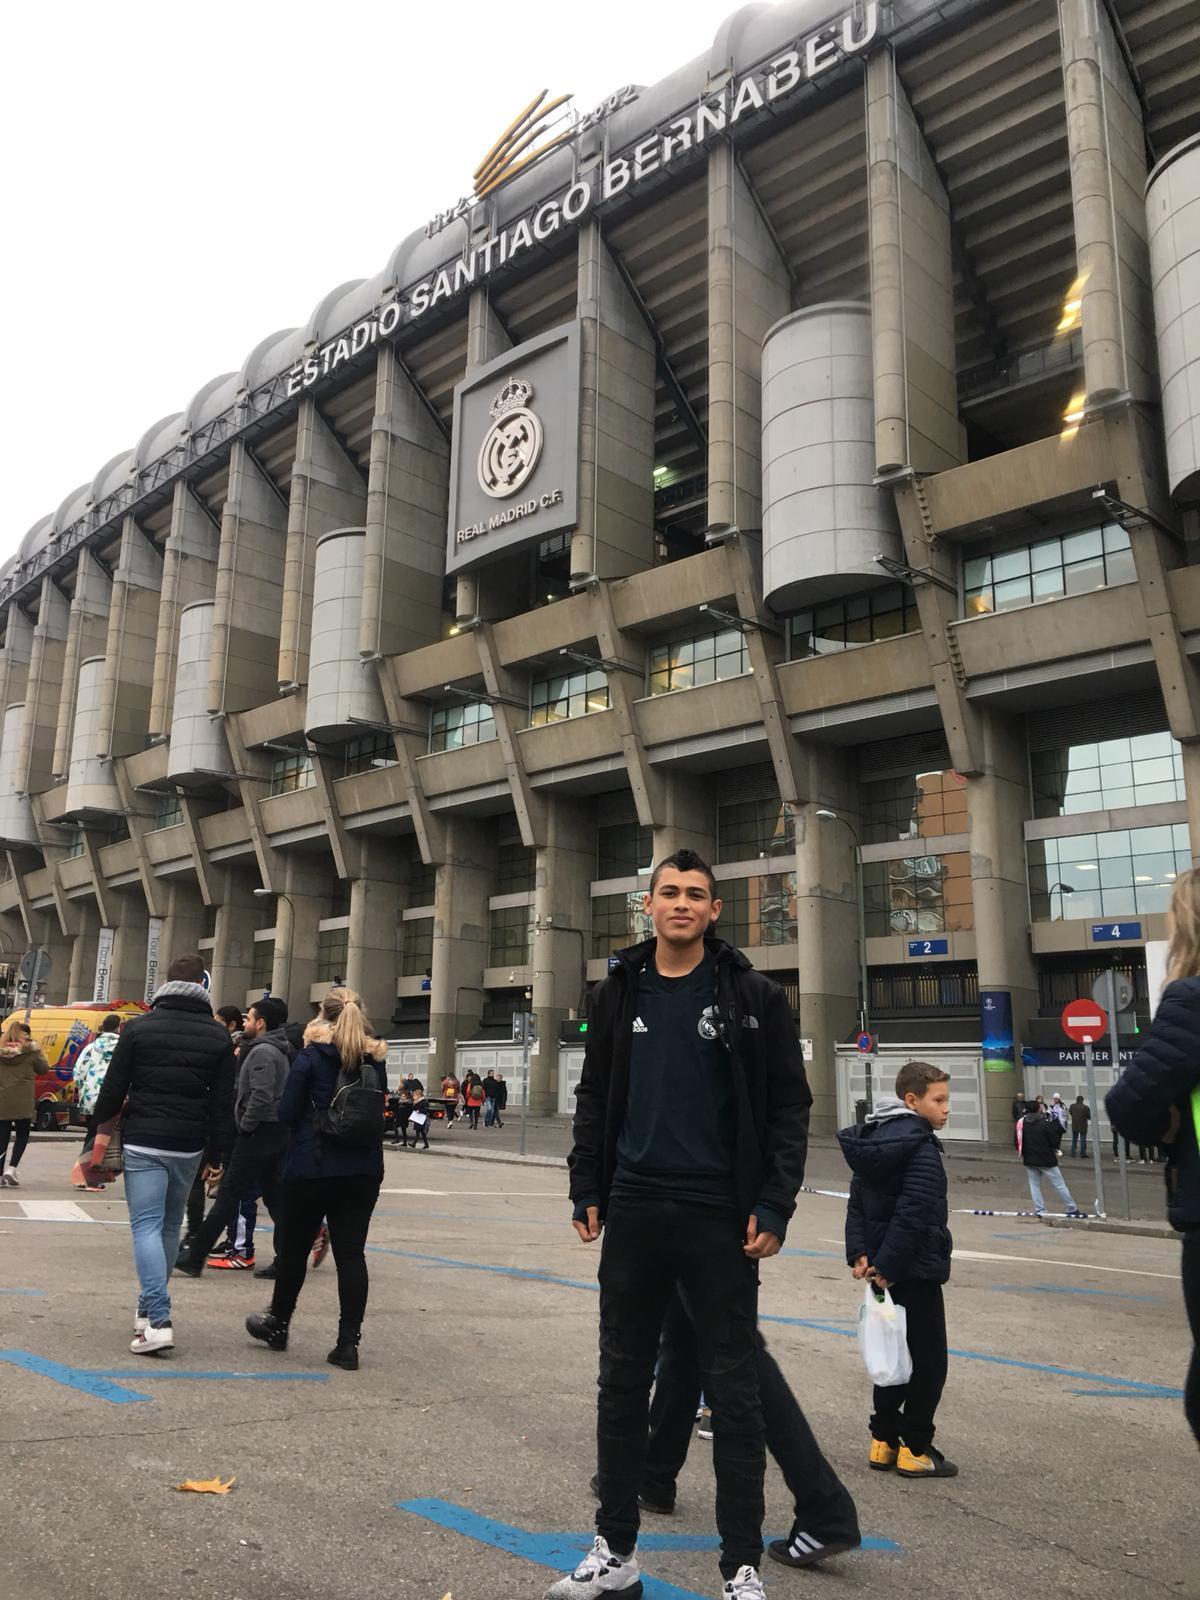 حلم يتحقق: أمين محاميد يشق طريقه الاحترافية في مدريد